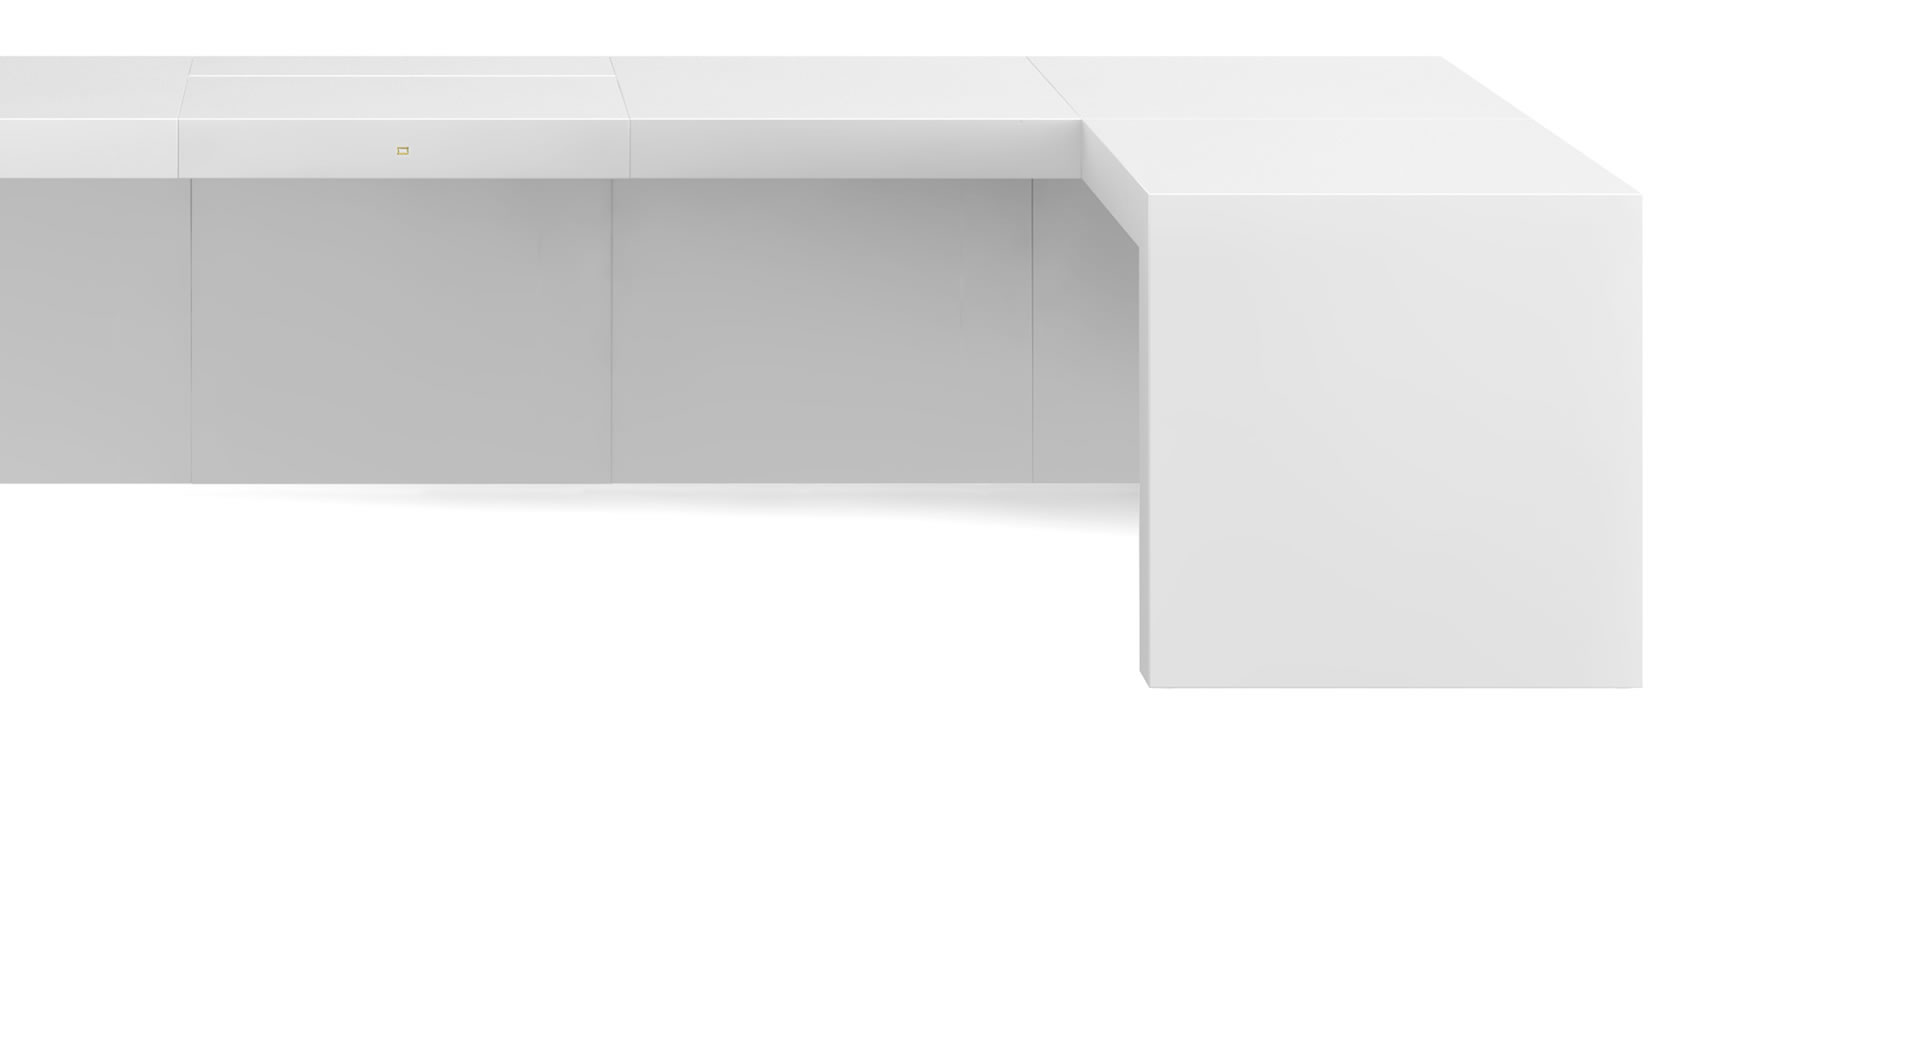 Eckschreibtisch weiß hochglanz  ECK-SCHREIBTISCH OPARARIUS – puristischer Design-Schreibtisch von ...